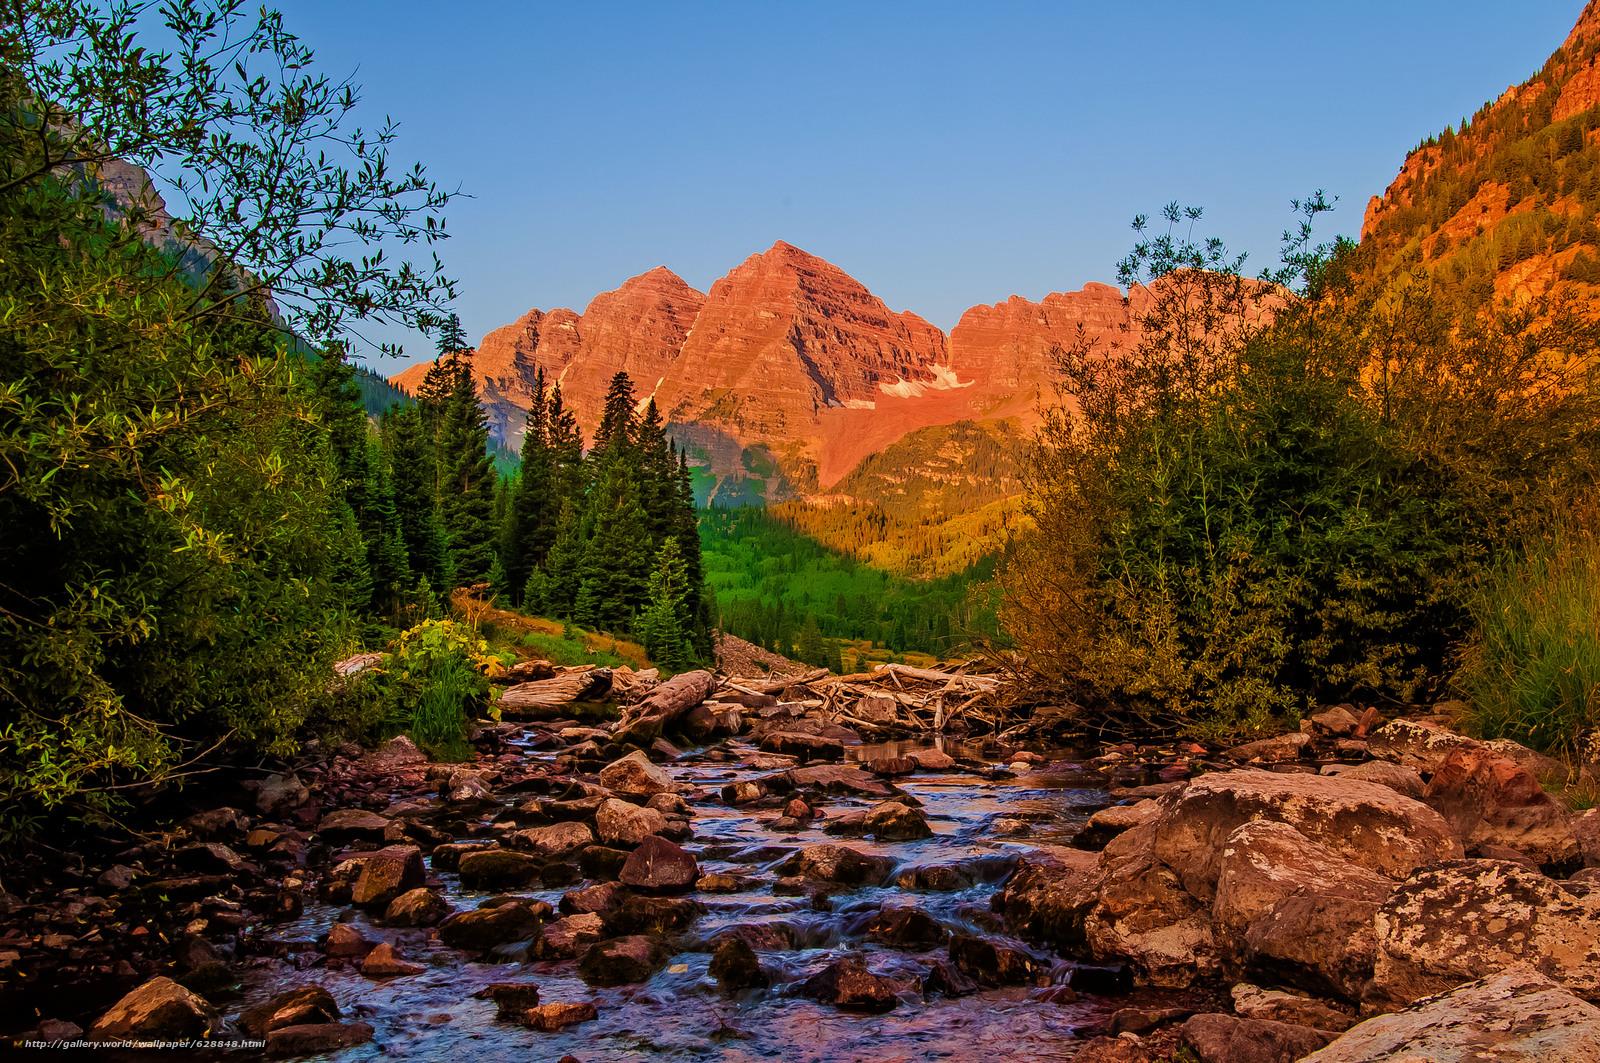 река, горы, деревья, камни, пейзаж, штат Колорадо